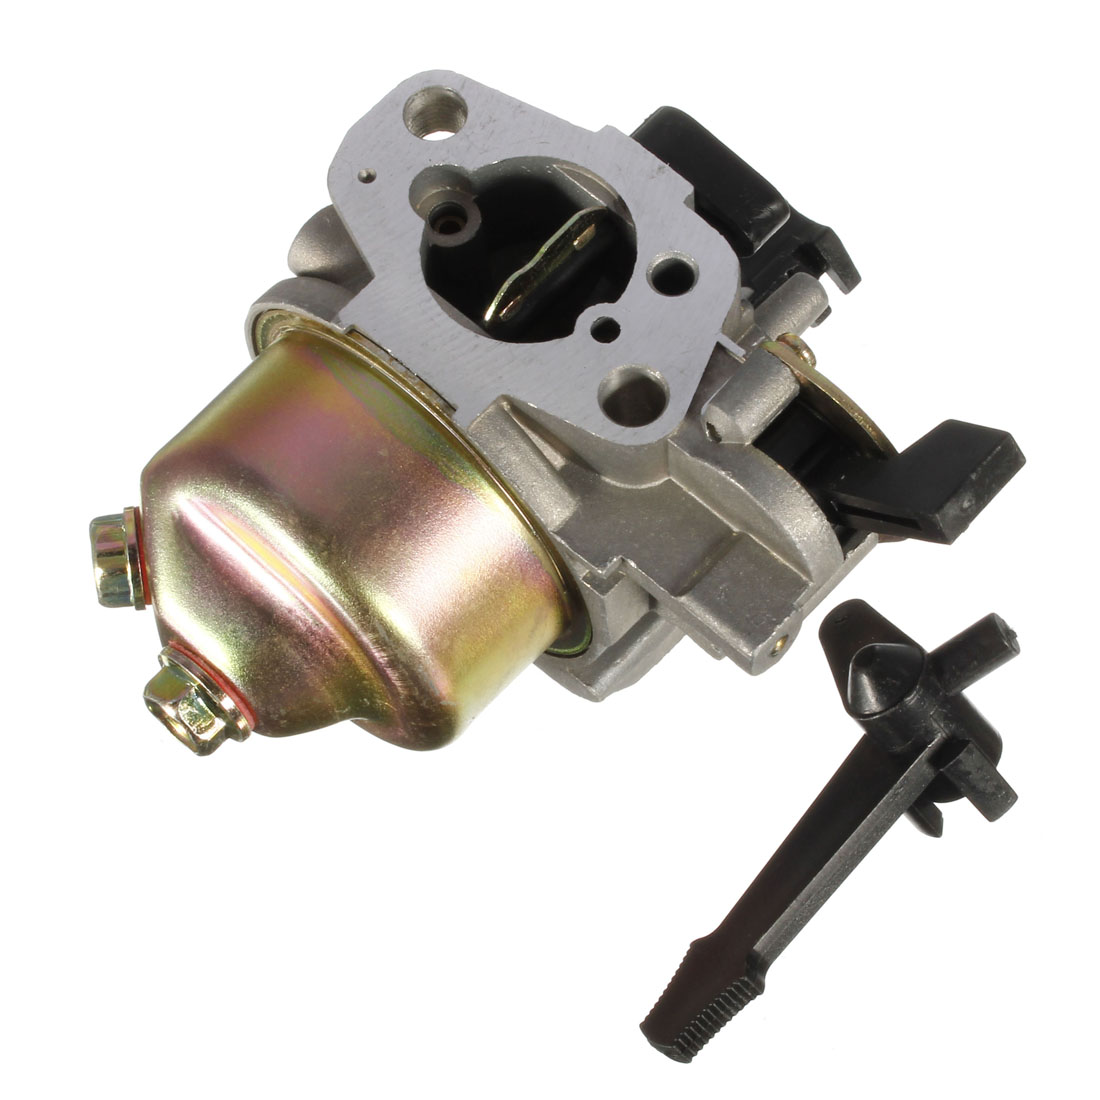 19mm קרבורטור פחמימות ערכת עבור הונדה GX160 5.5/6.5 עבור HP GX200 16100-ZH8-W61